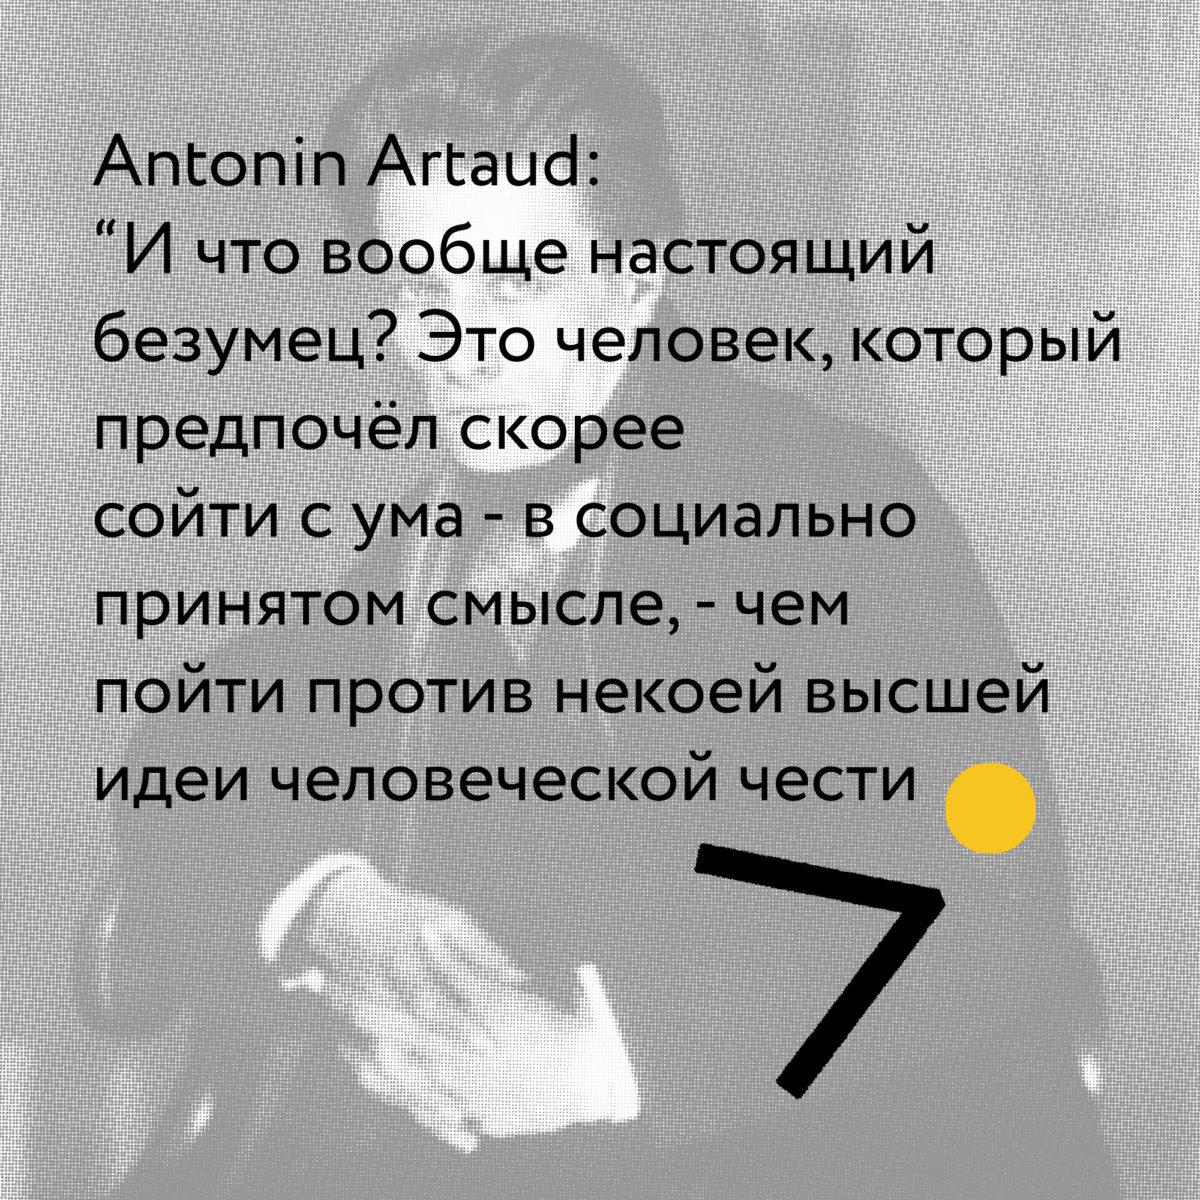 Антонен Арто: разгадка в жестокости